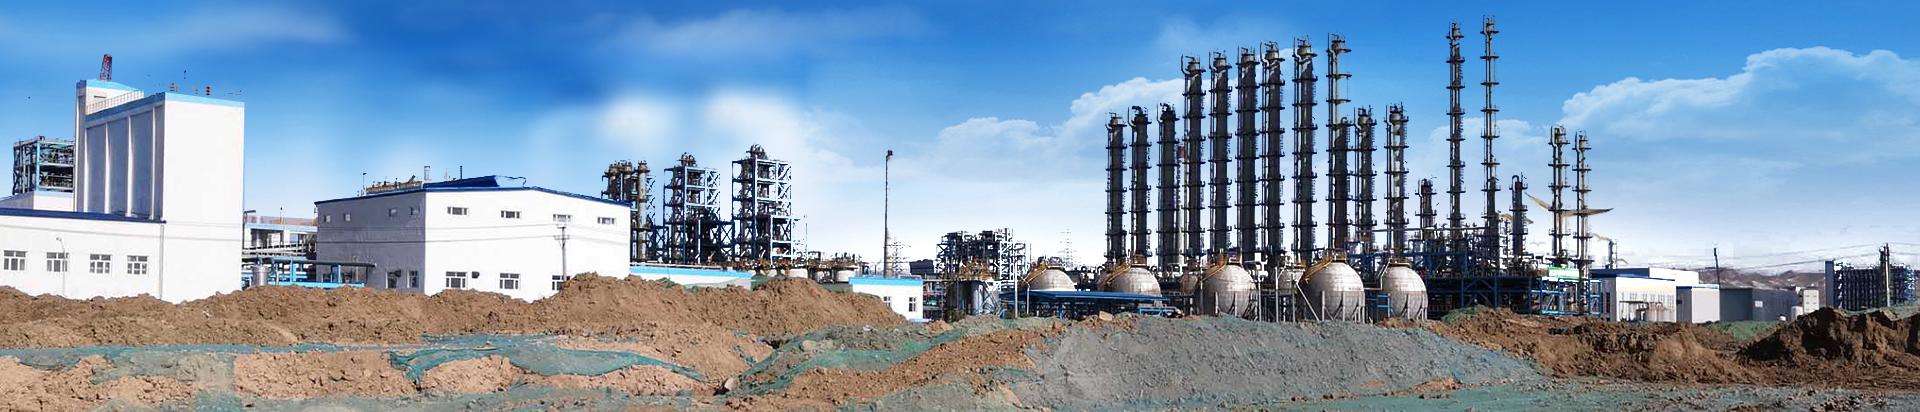 新疆新特能源生活污水处理系统工程